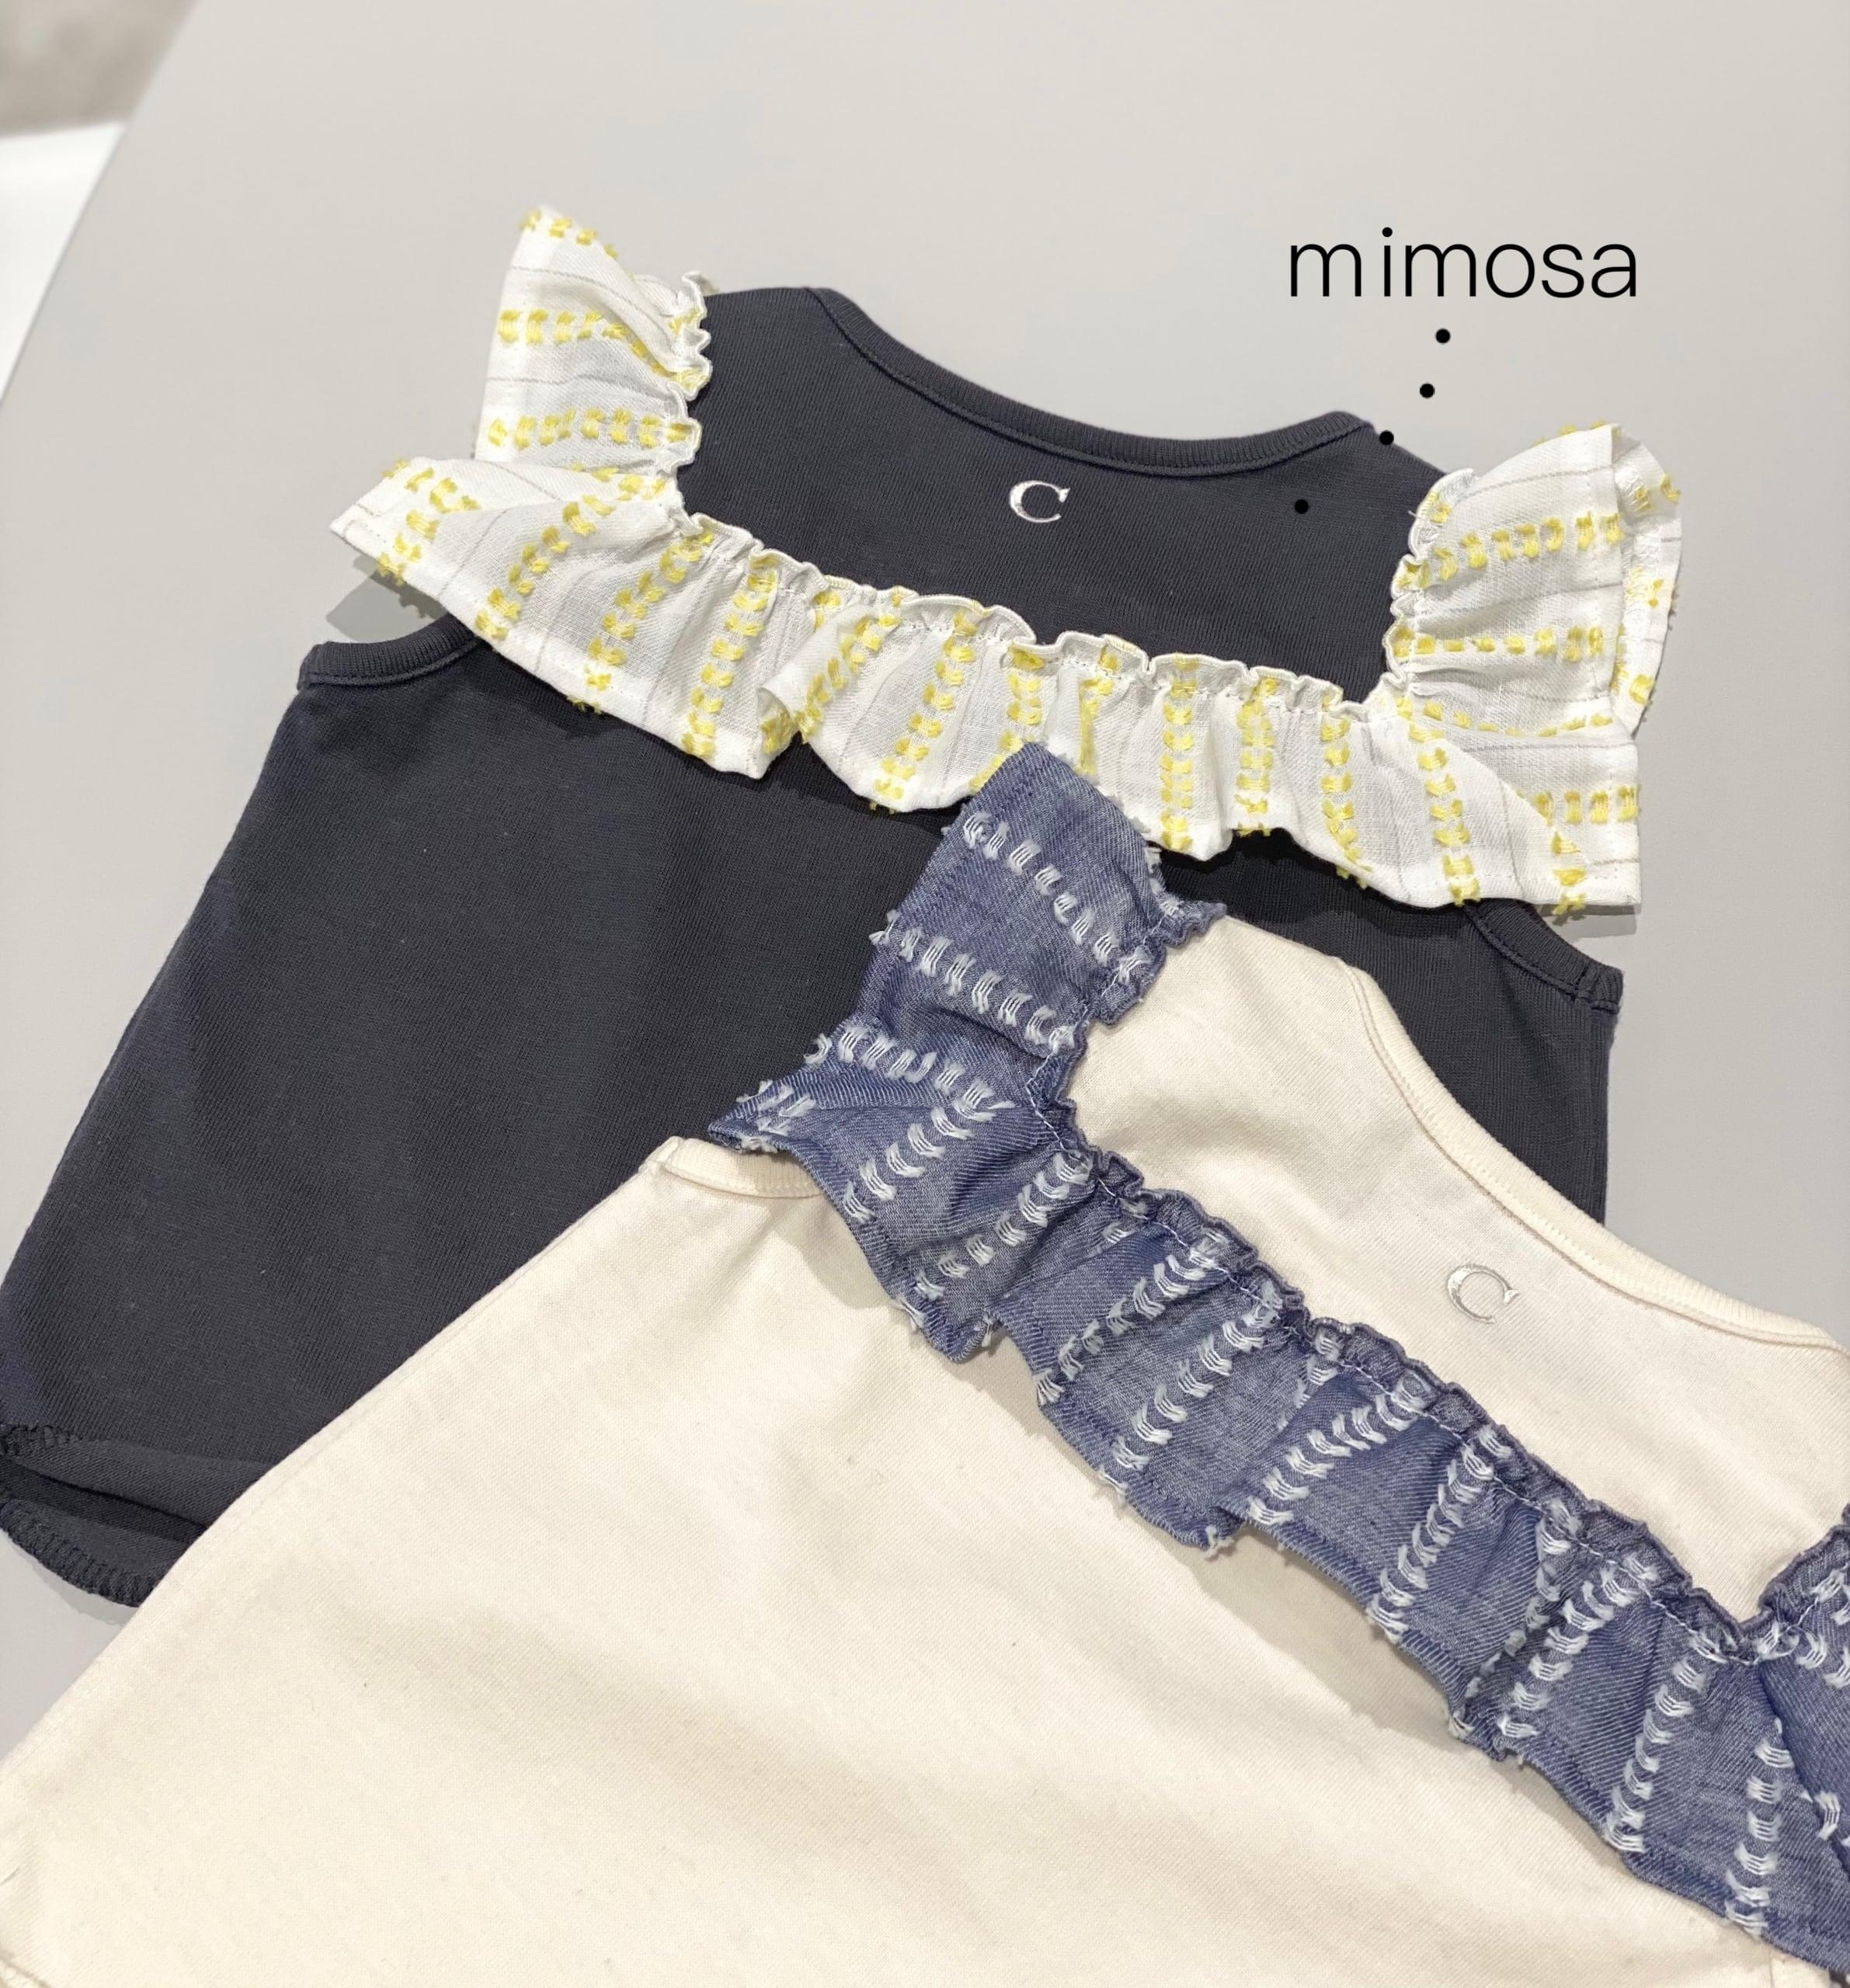 【ベビー服】マリンフリルTOPS / ミモザ(チャコールグレー×イエロー) / 80.90サイズ